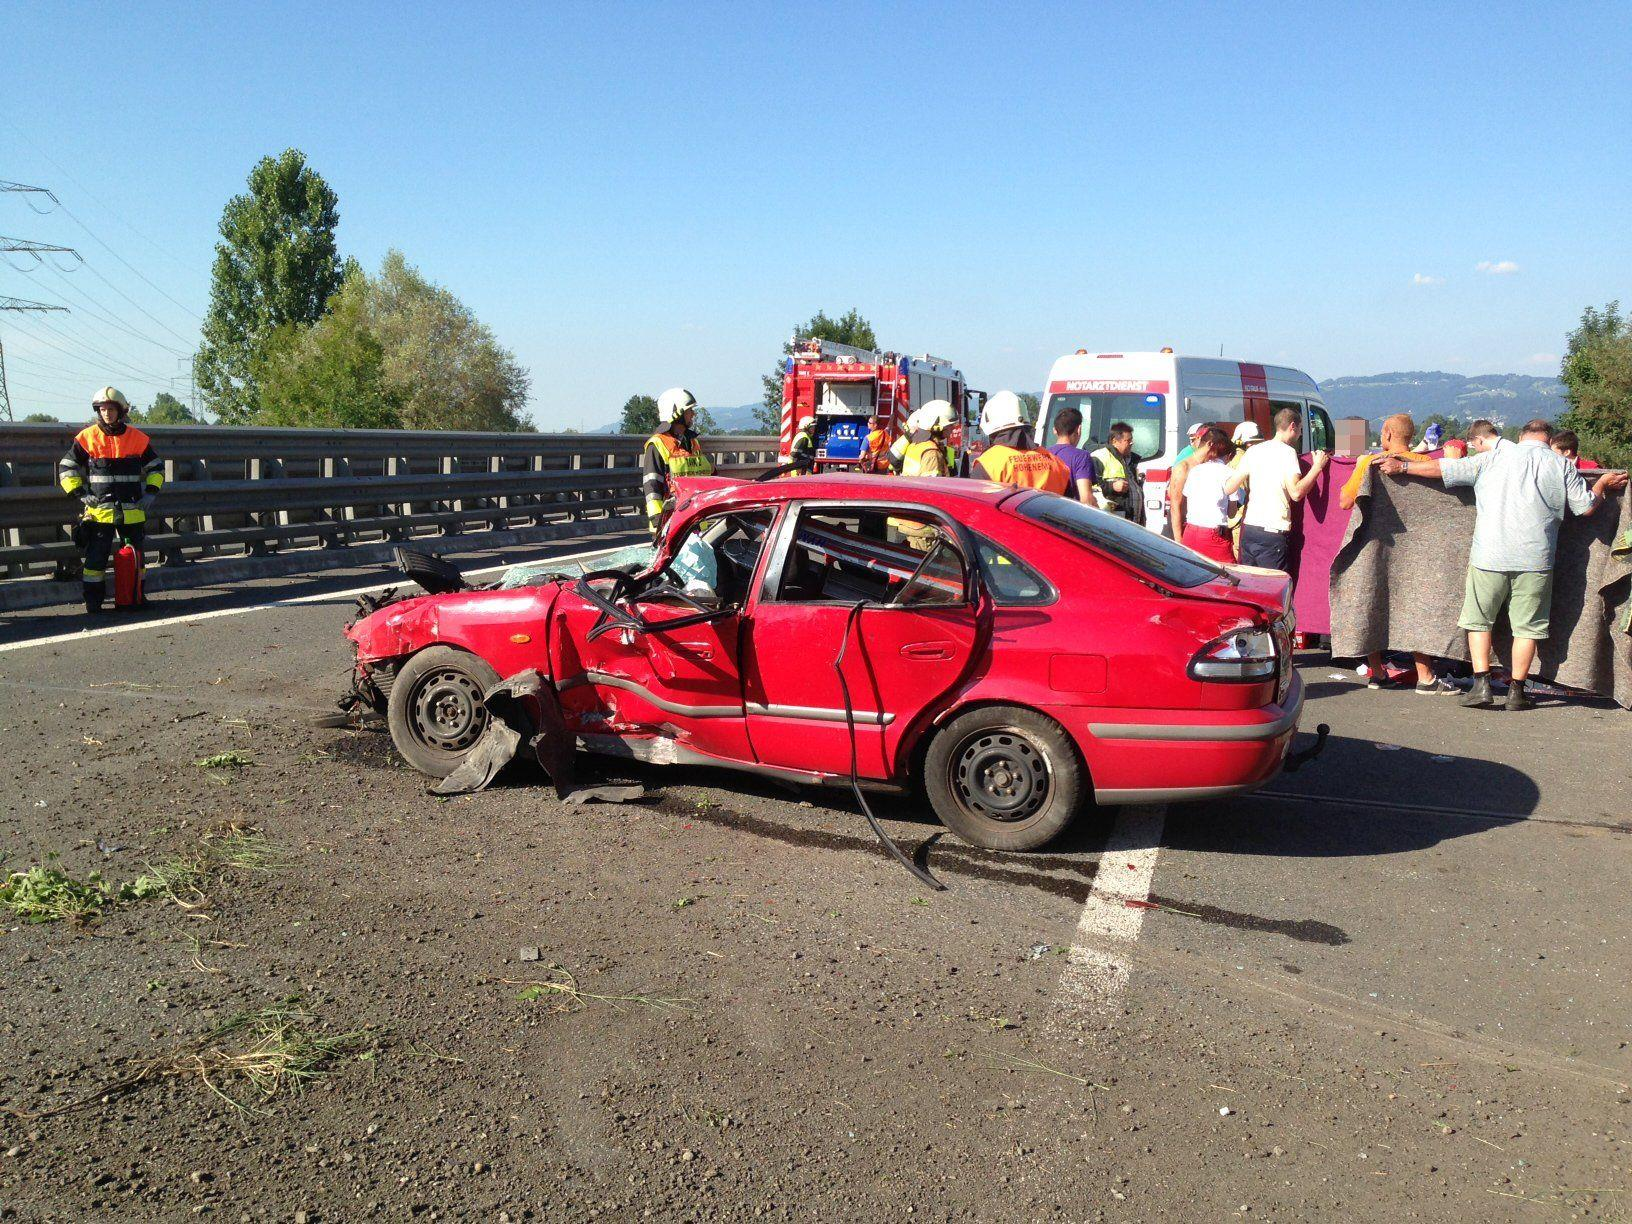 Einer der fün Insassen wurde bei dem Unfall schwer verletzt.